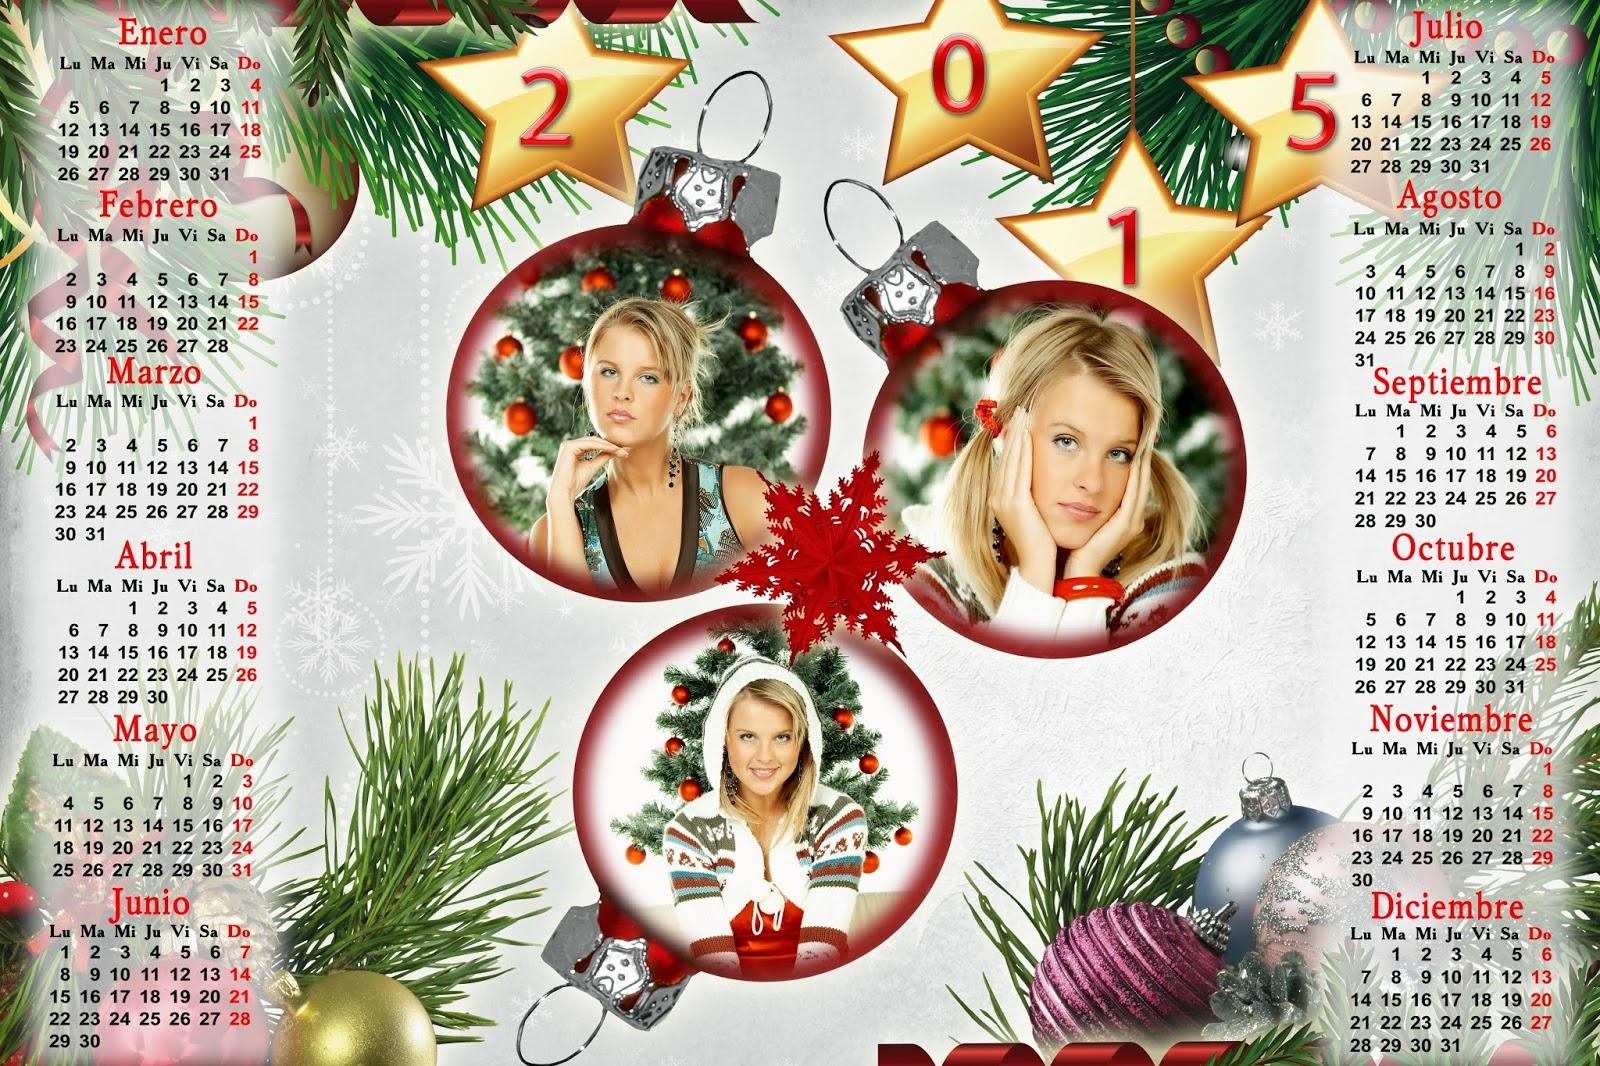 Calendarios para Photoshop Calendario para el 2015 de Navidad para